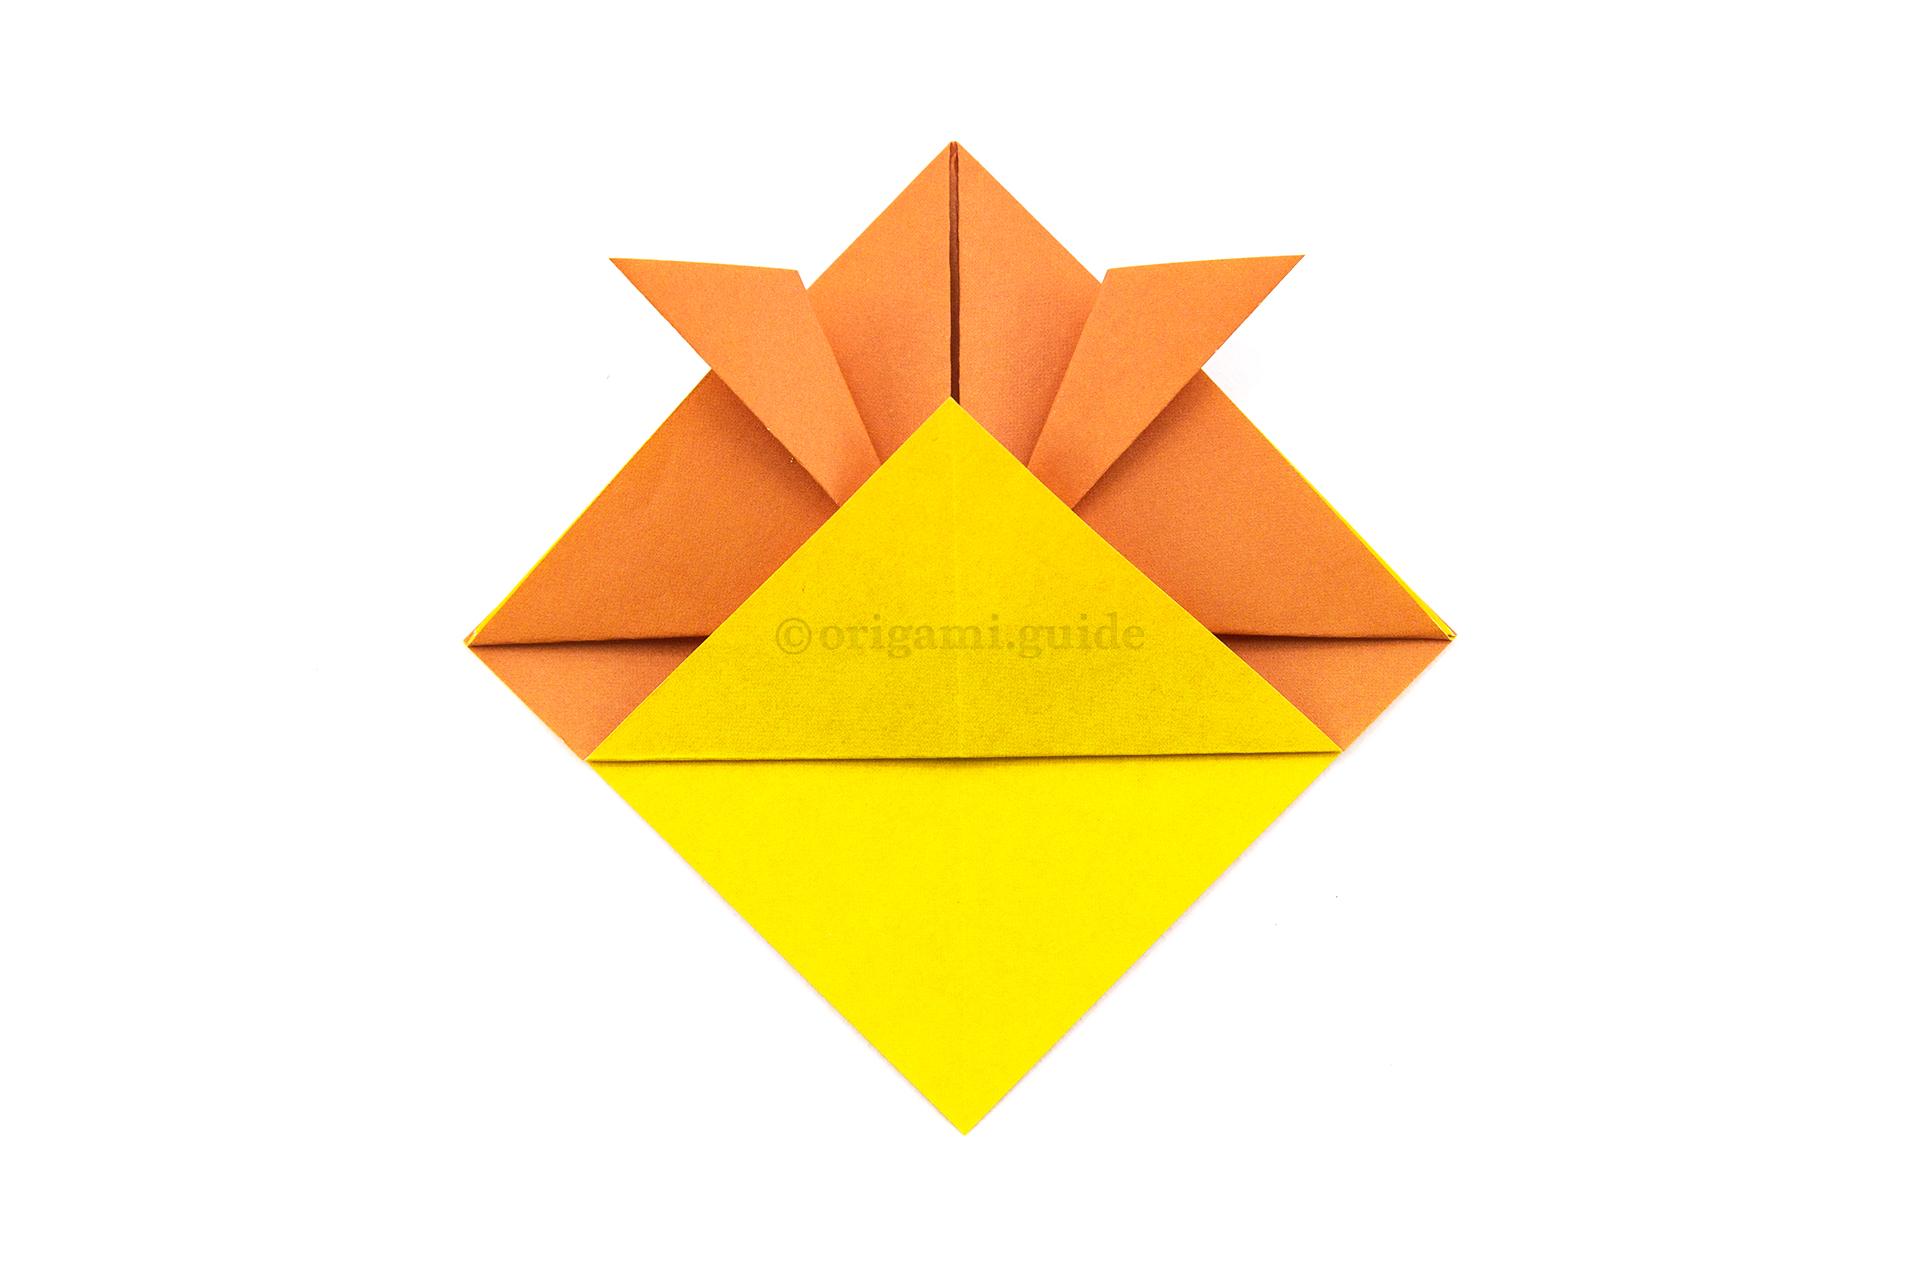 Origami Hat (Top Hat | Origami hat, Origami top hat, Origami hat ... | 1280x1920